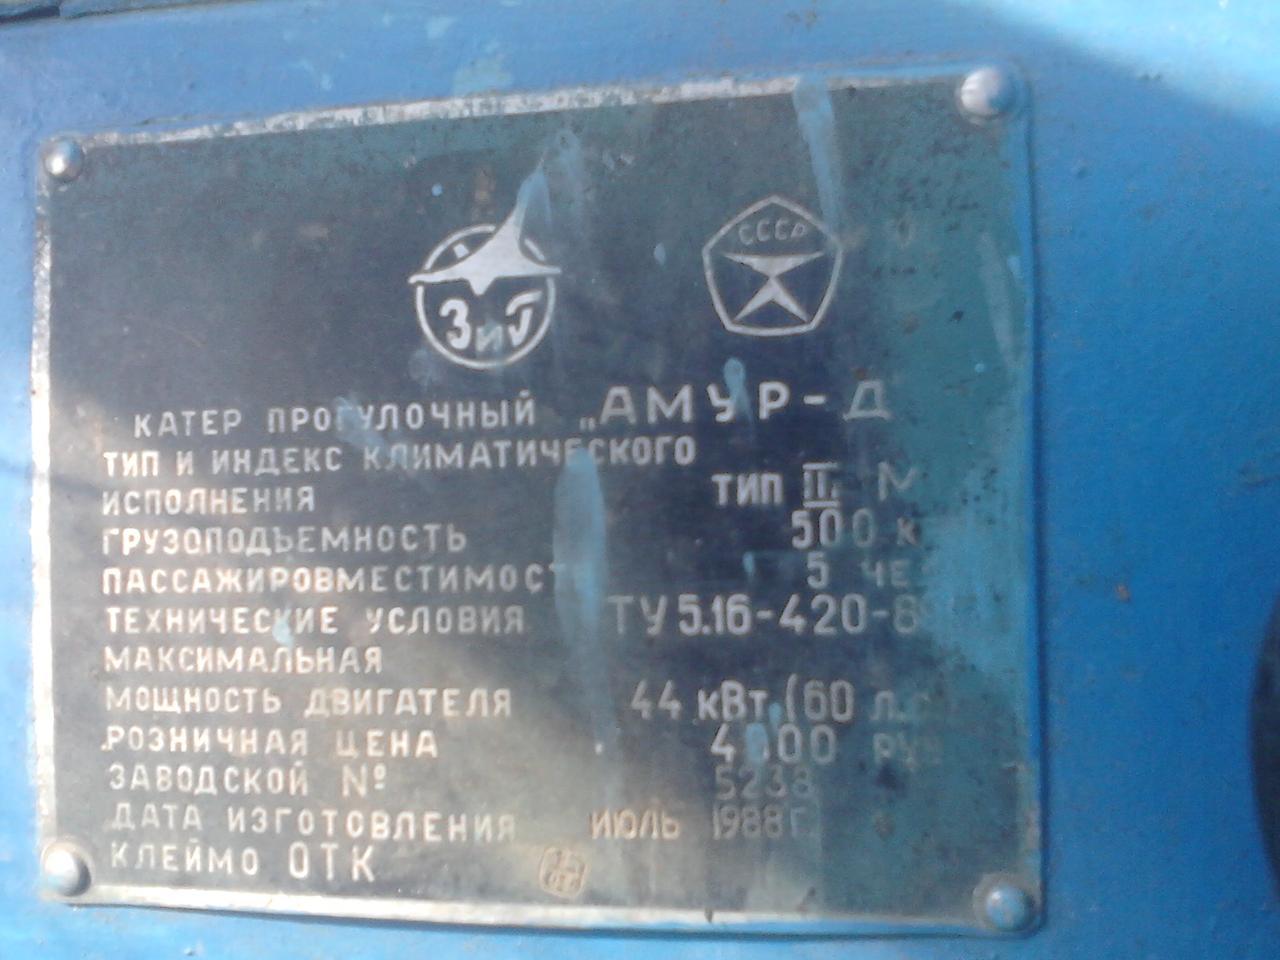 табличка-шильдик от катера Амур-Д